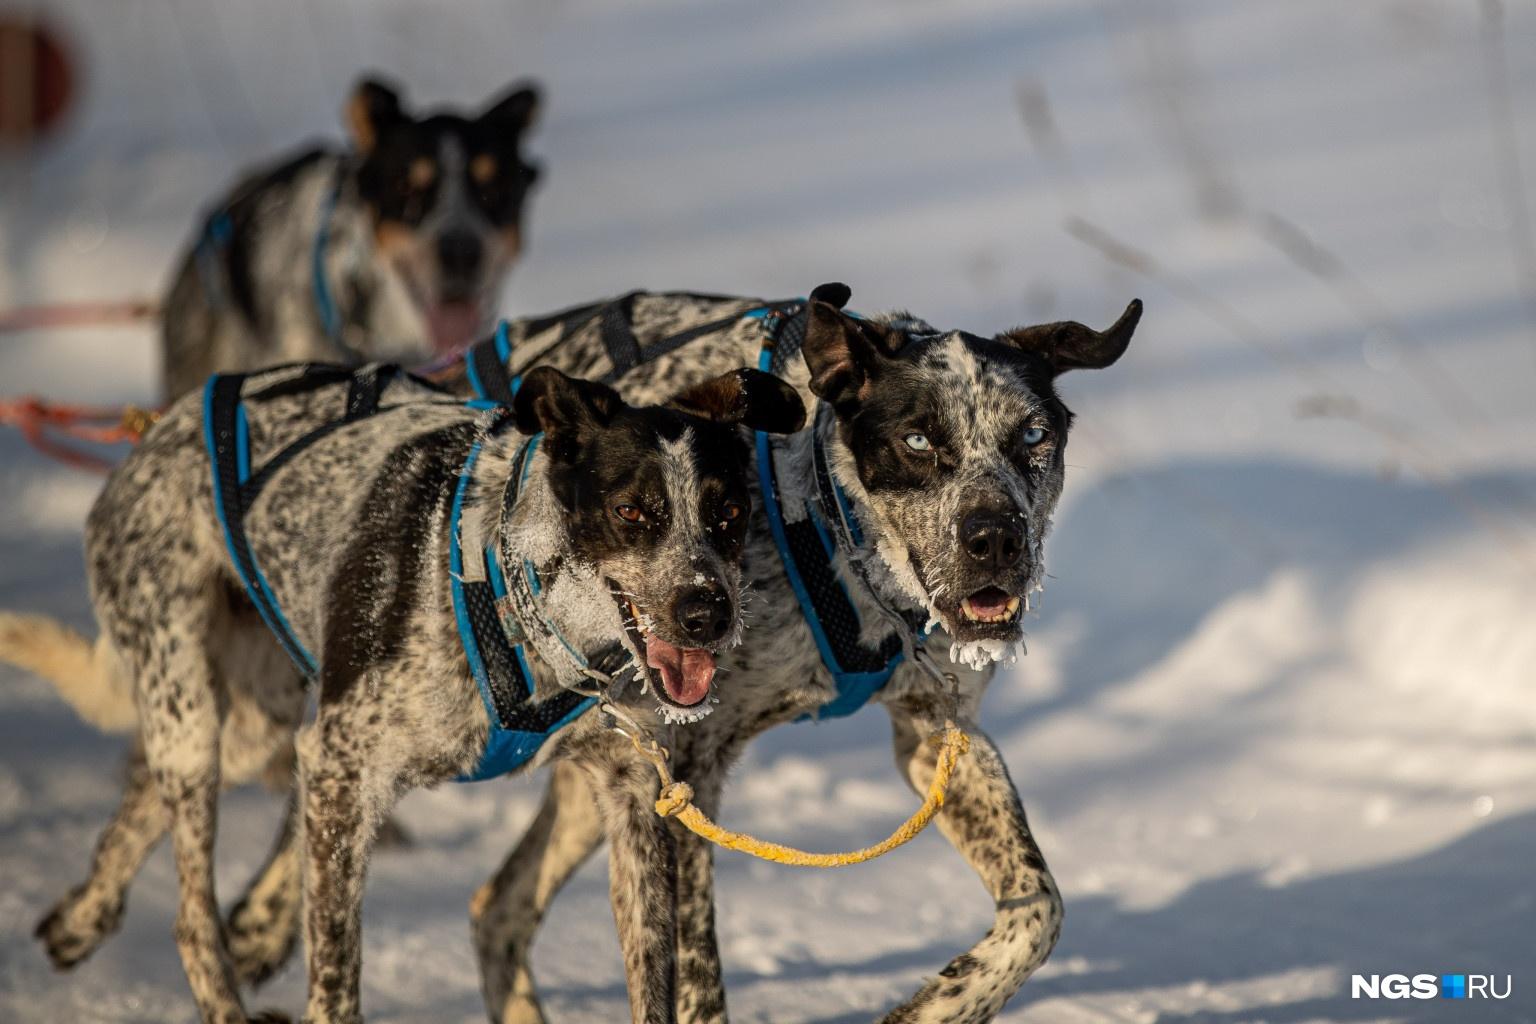 По словам Галины Милых, в сборные входят самые сильные спортсмены, которые бегают и тренируют собак в любую погоду, поэтому их не испугал мороз